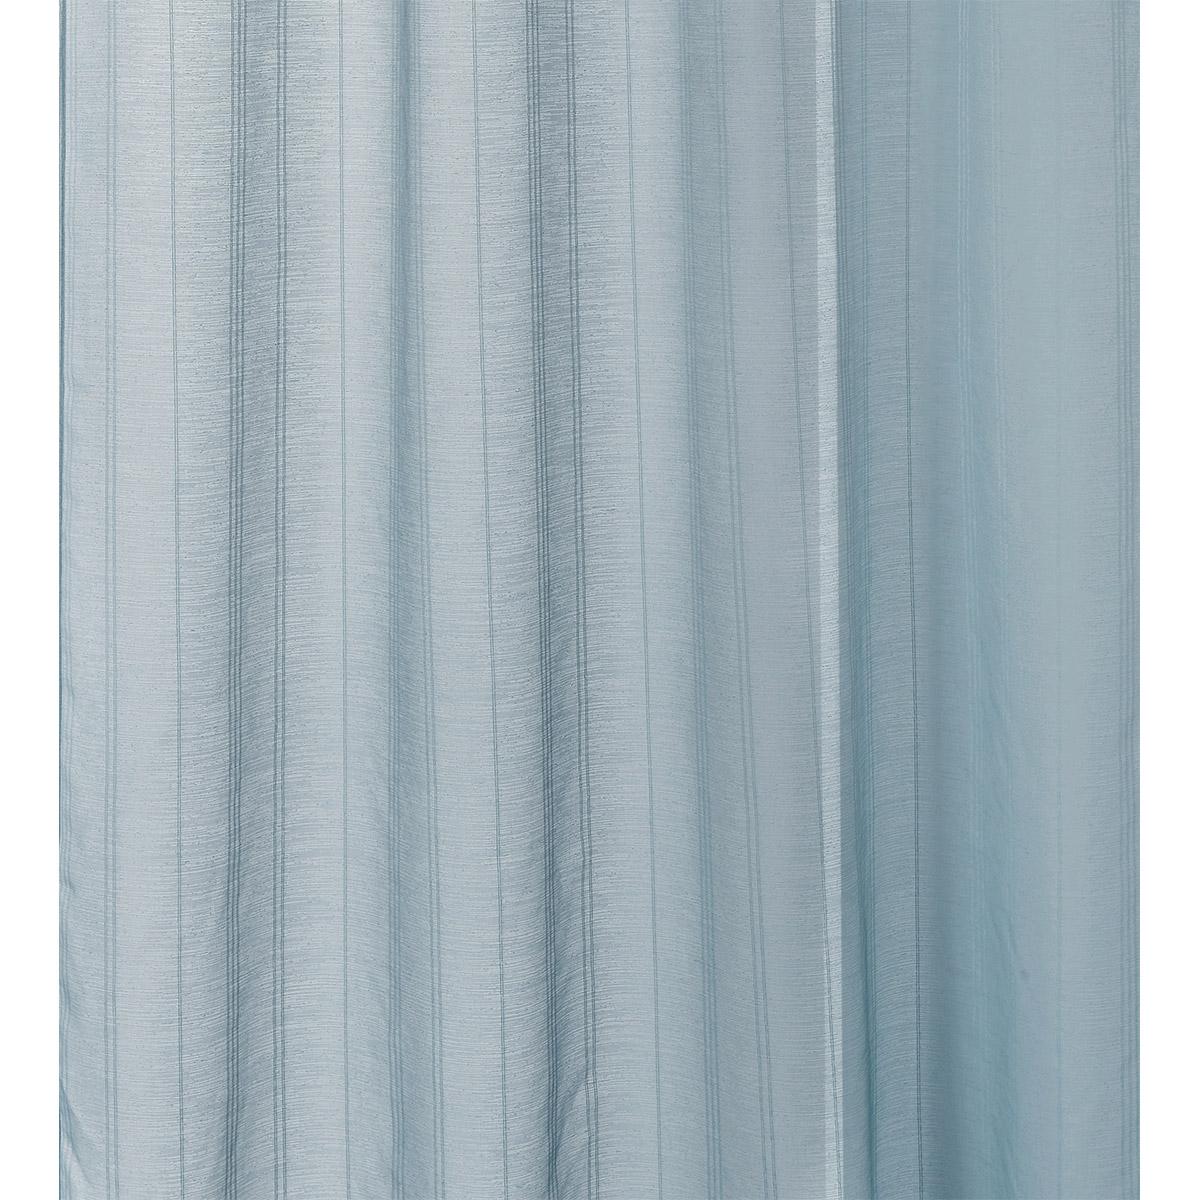 Tissu souple et intemporel - Gris souris - 3 m